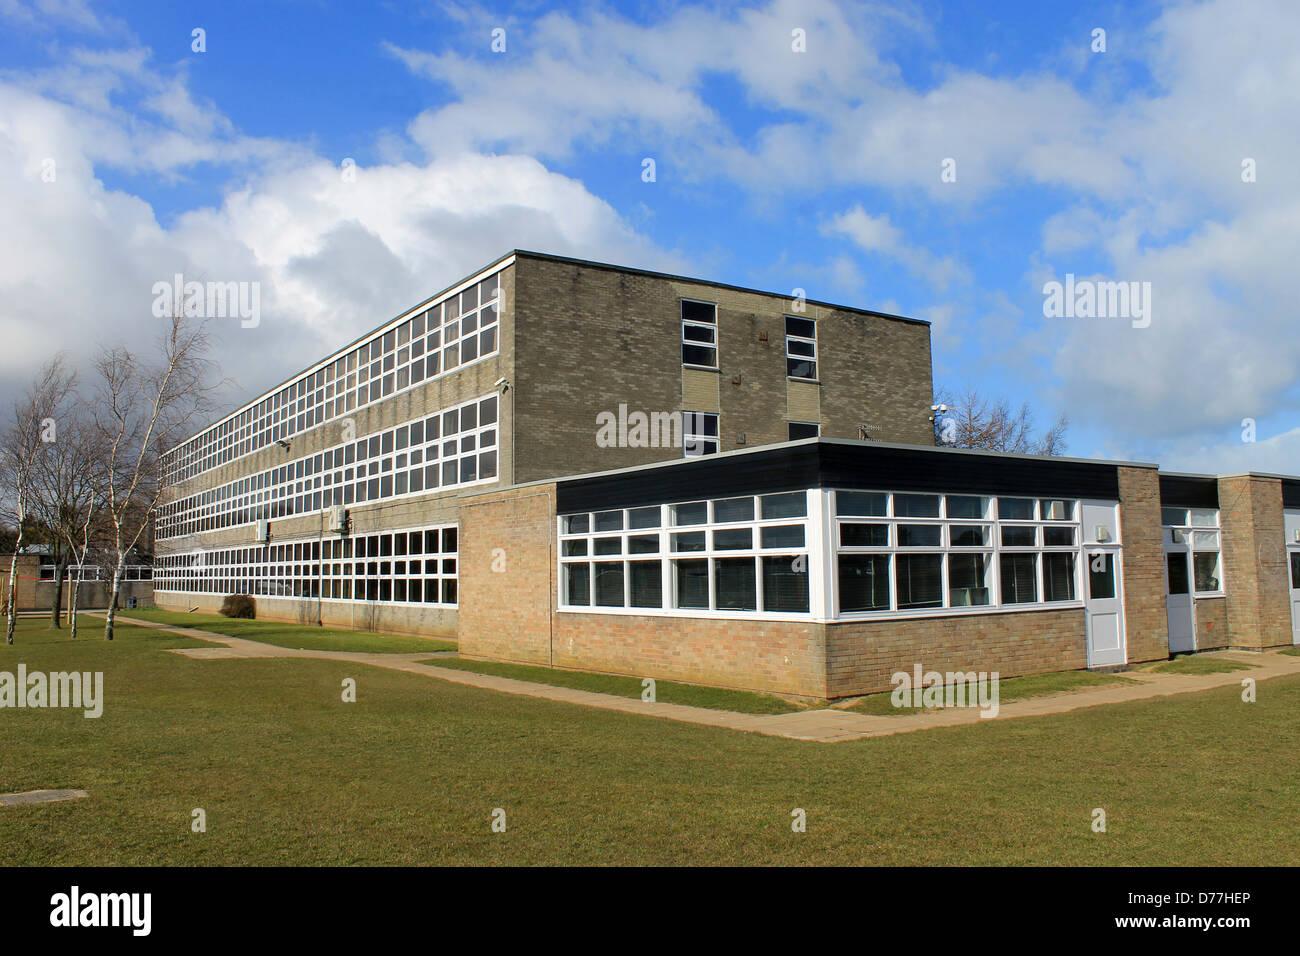 El exterior del edificio de la escuela secundaria de inglés, Scarborough. Imagen De Stock